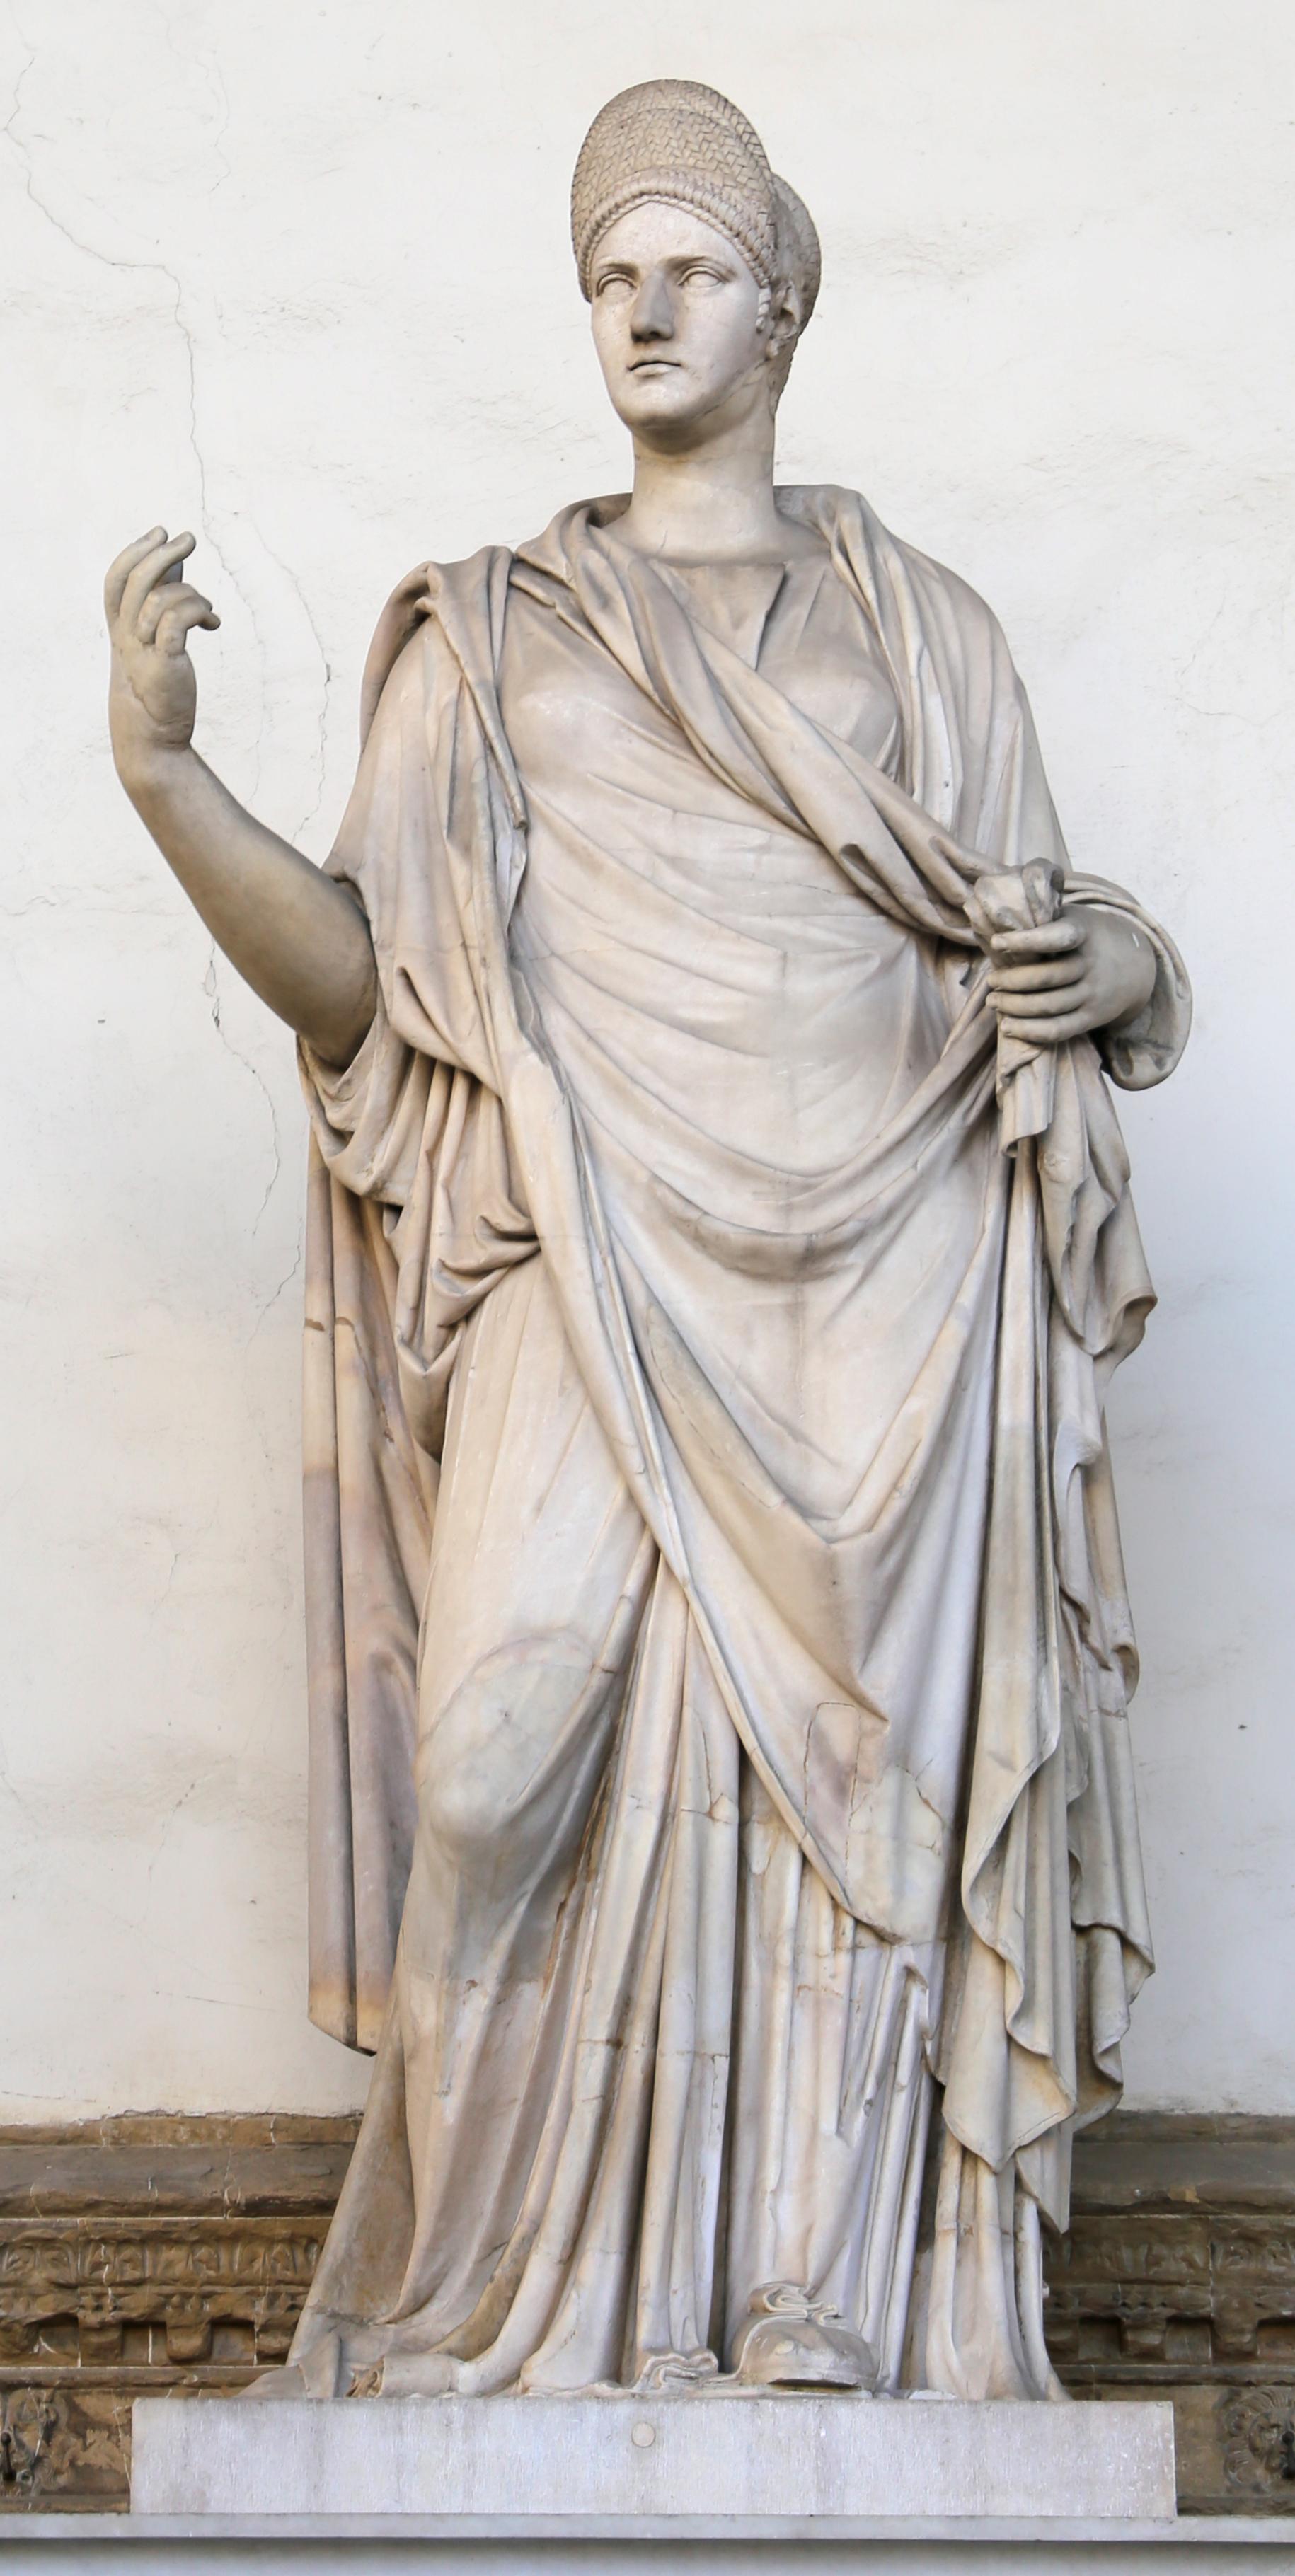 Arte romana, donna togata detta una 'sabina' con testa ritratto di matilda, 110 dc ca., con restauri moderni.jpg